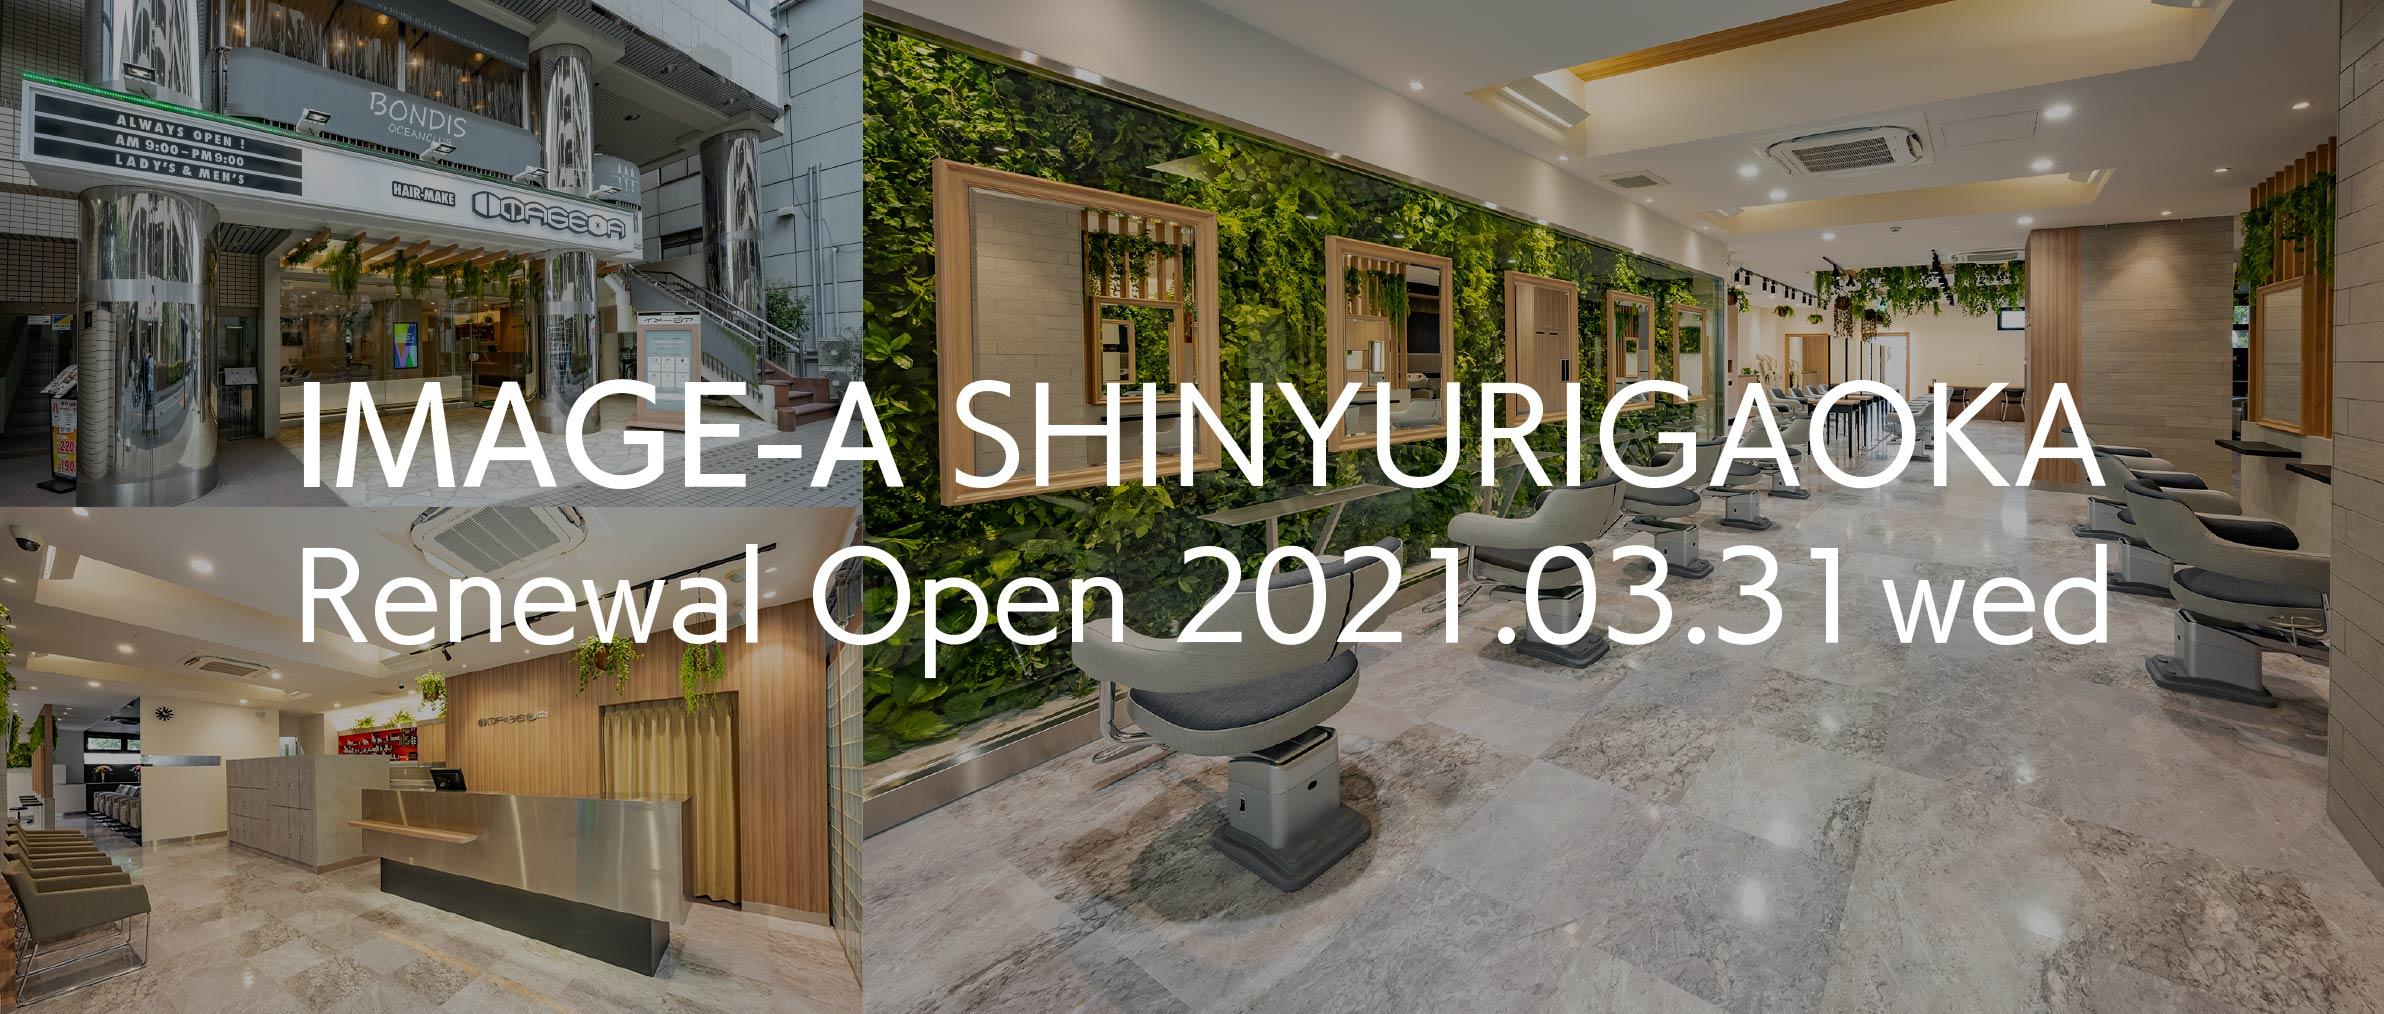 美容室イメージア 新百合ヶ丘店 リニューアルオープン!